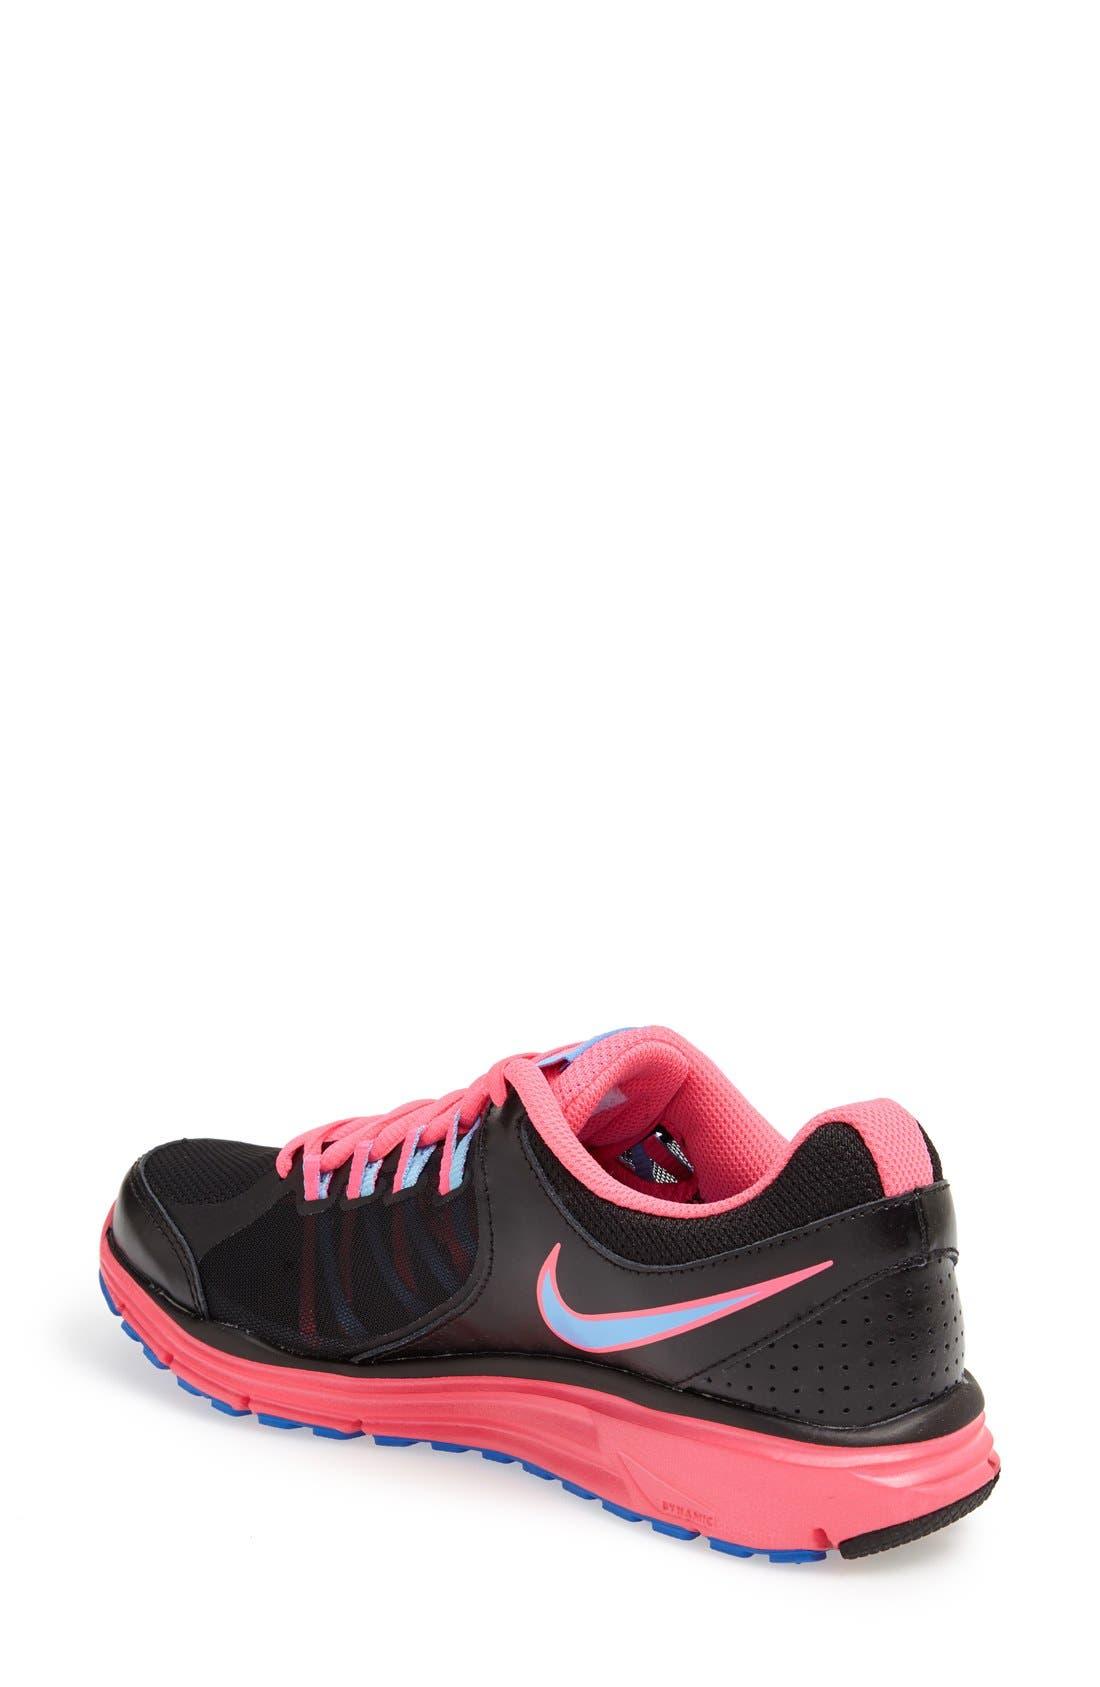 Alternate Image 2  - Nike 'Lunar Forever 3' Running Shoe (Women)